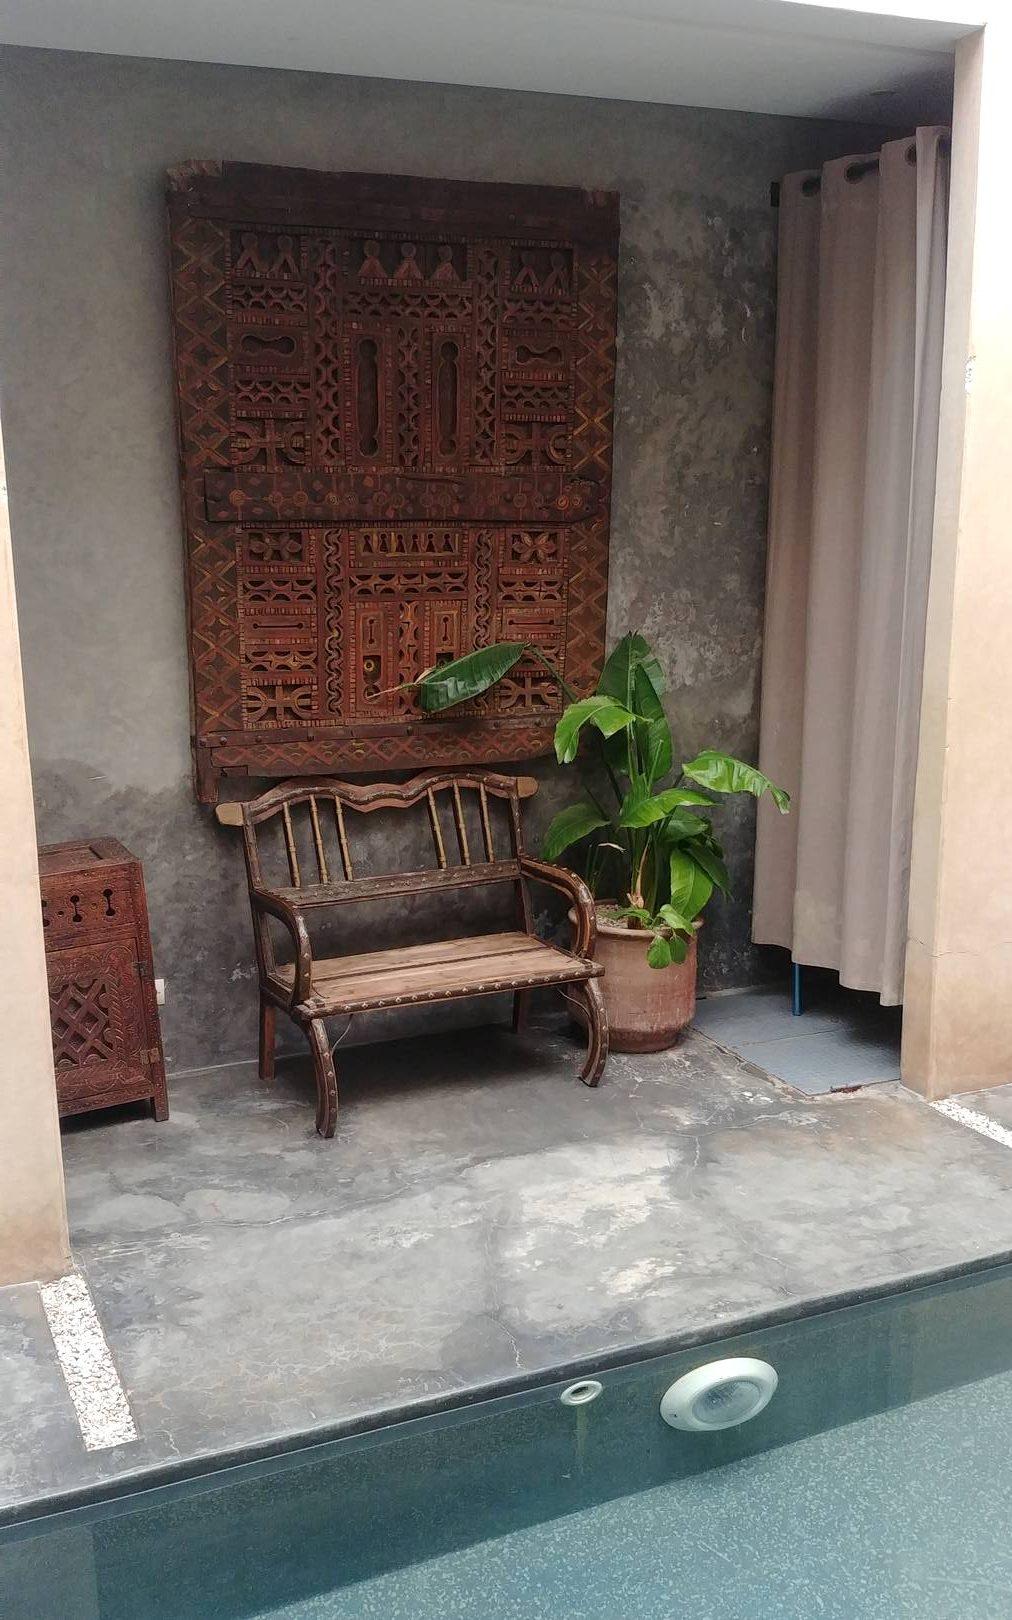 Maroc - Petit banc en bois devant la piscine du riad à Marrakech